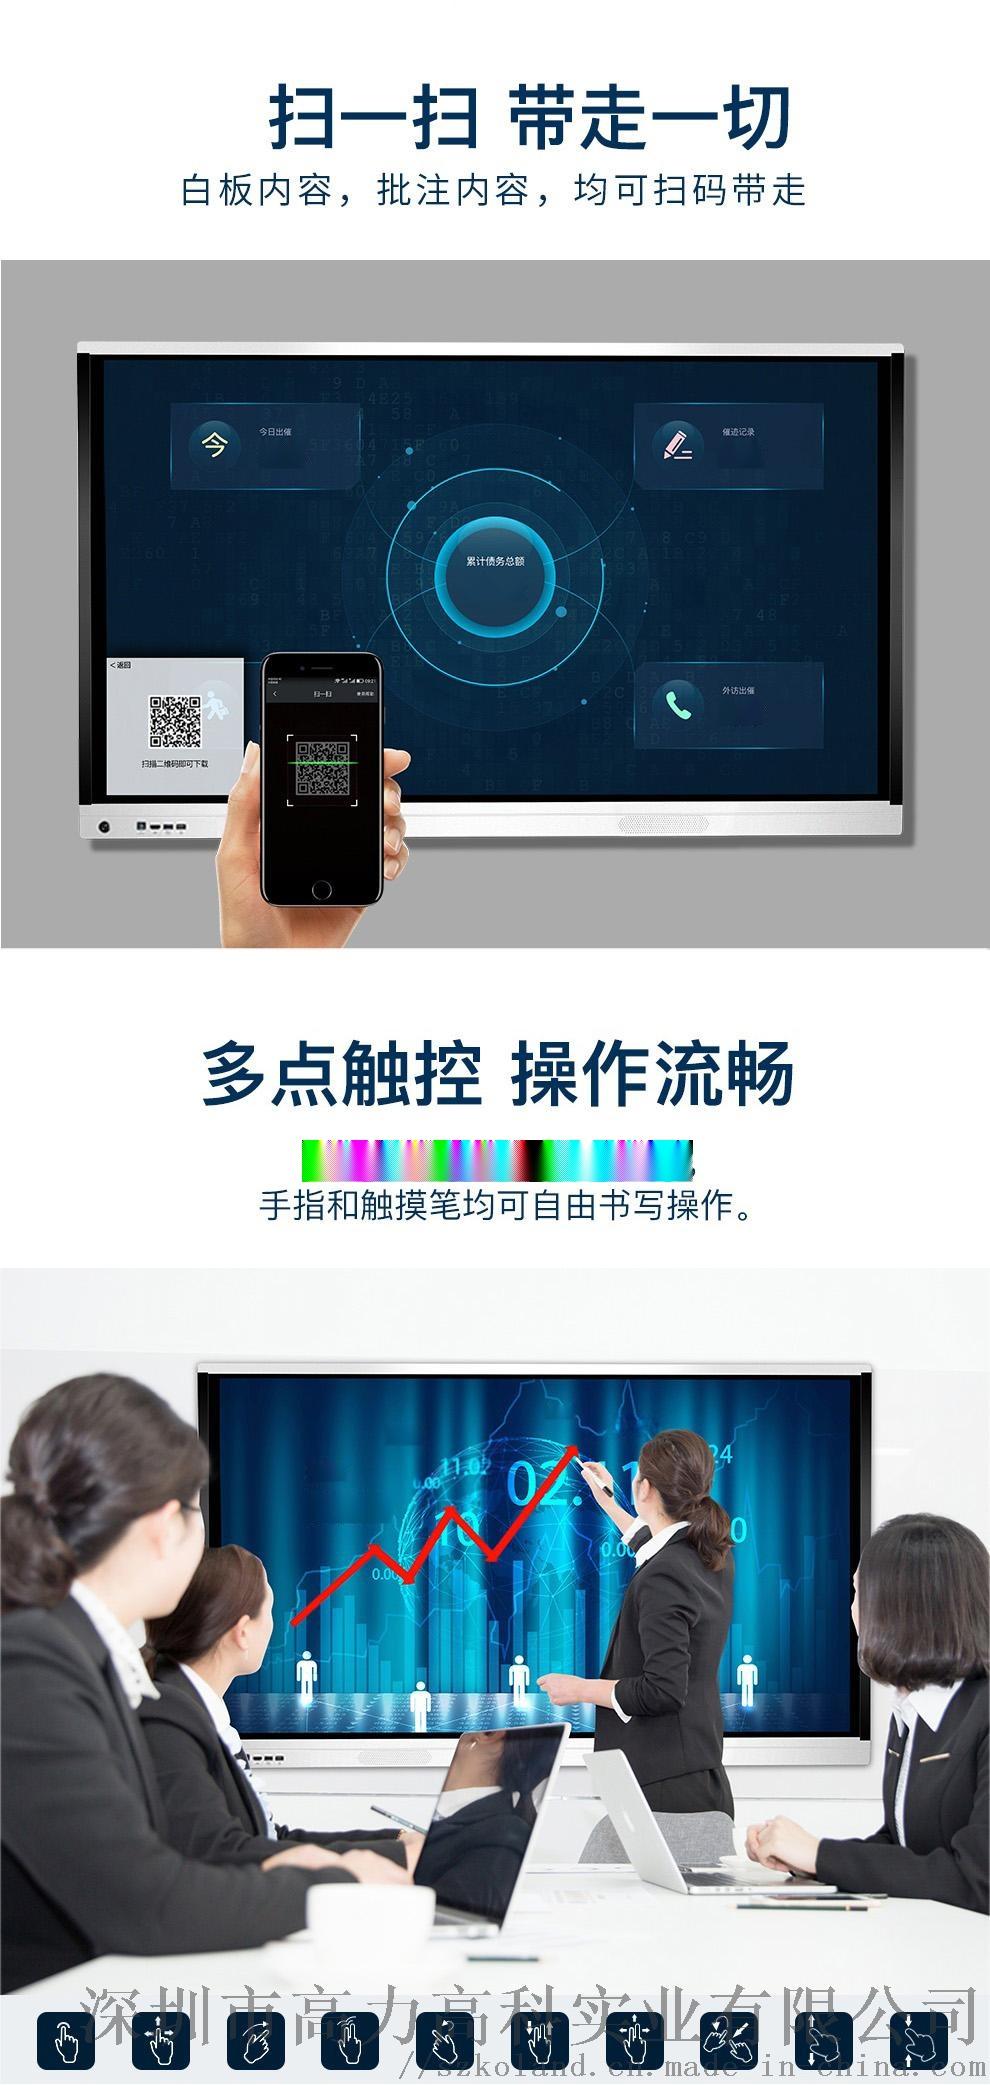 98寸智能会议平板一体机教育一体机商务会议交互平板64093842